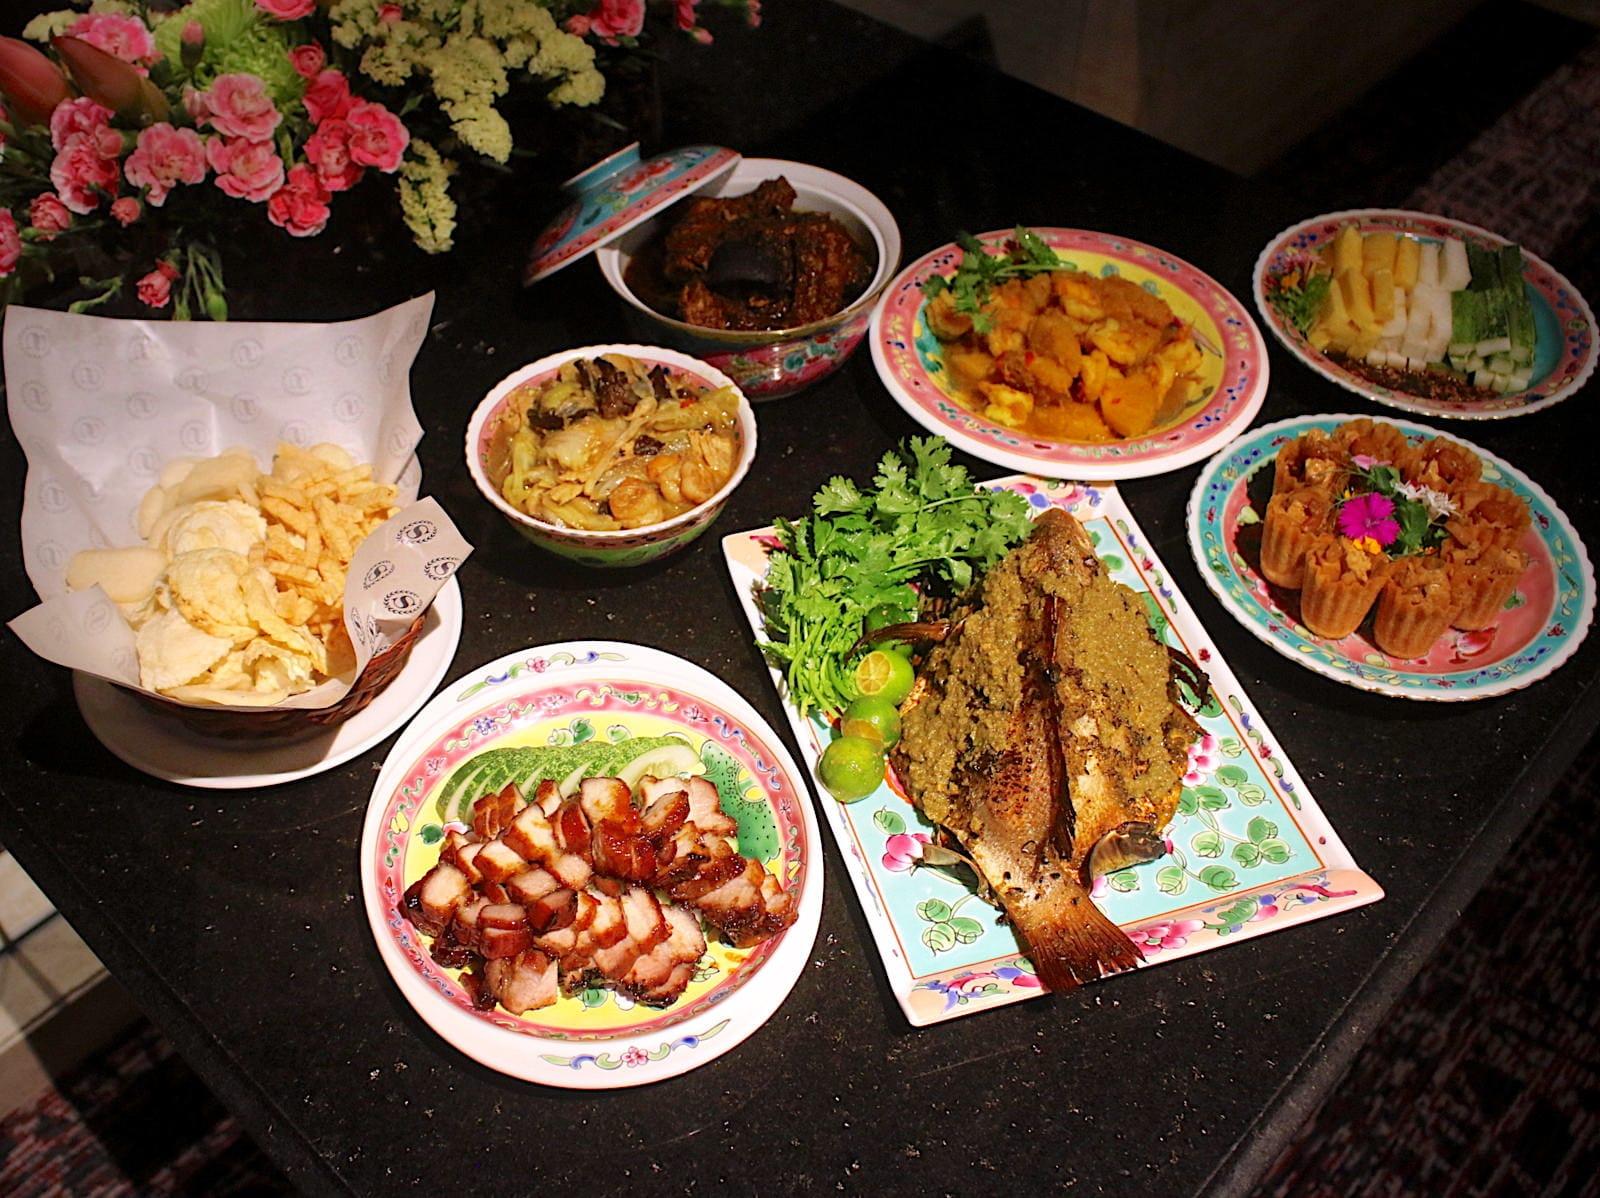 Shermay Lee Peranakan Signatures at The Dining Room Buffet at The Sheraton | CAMEMBERU